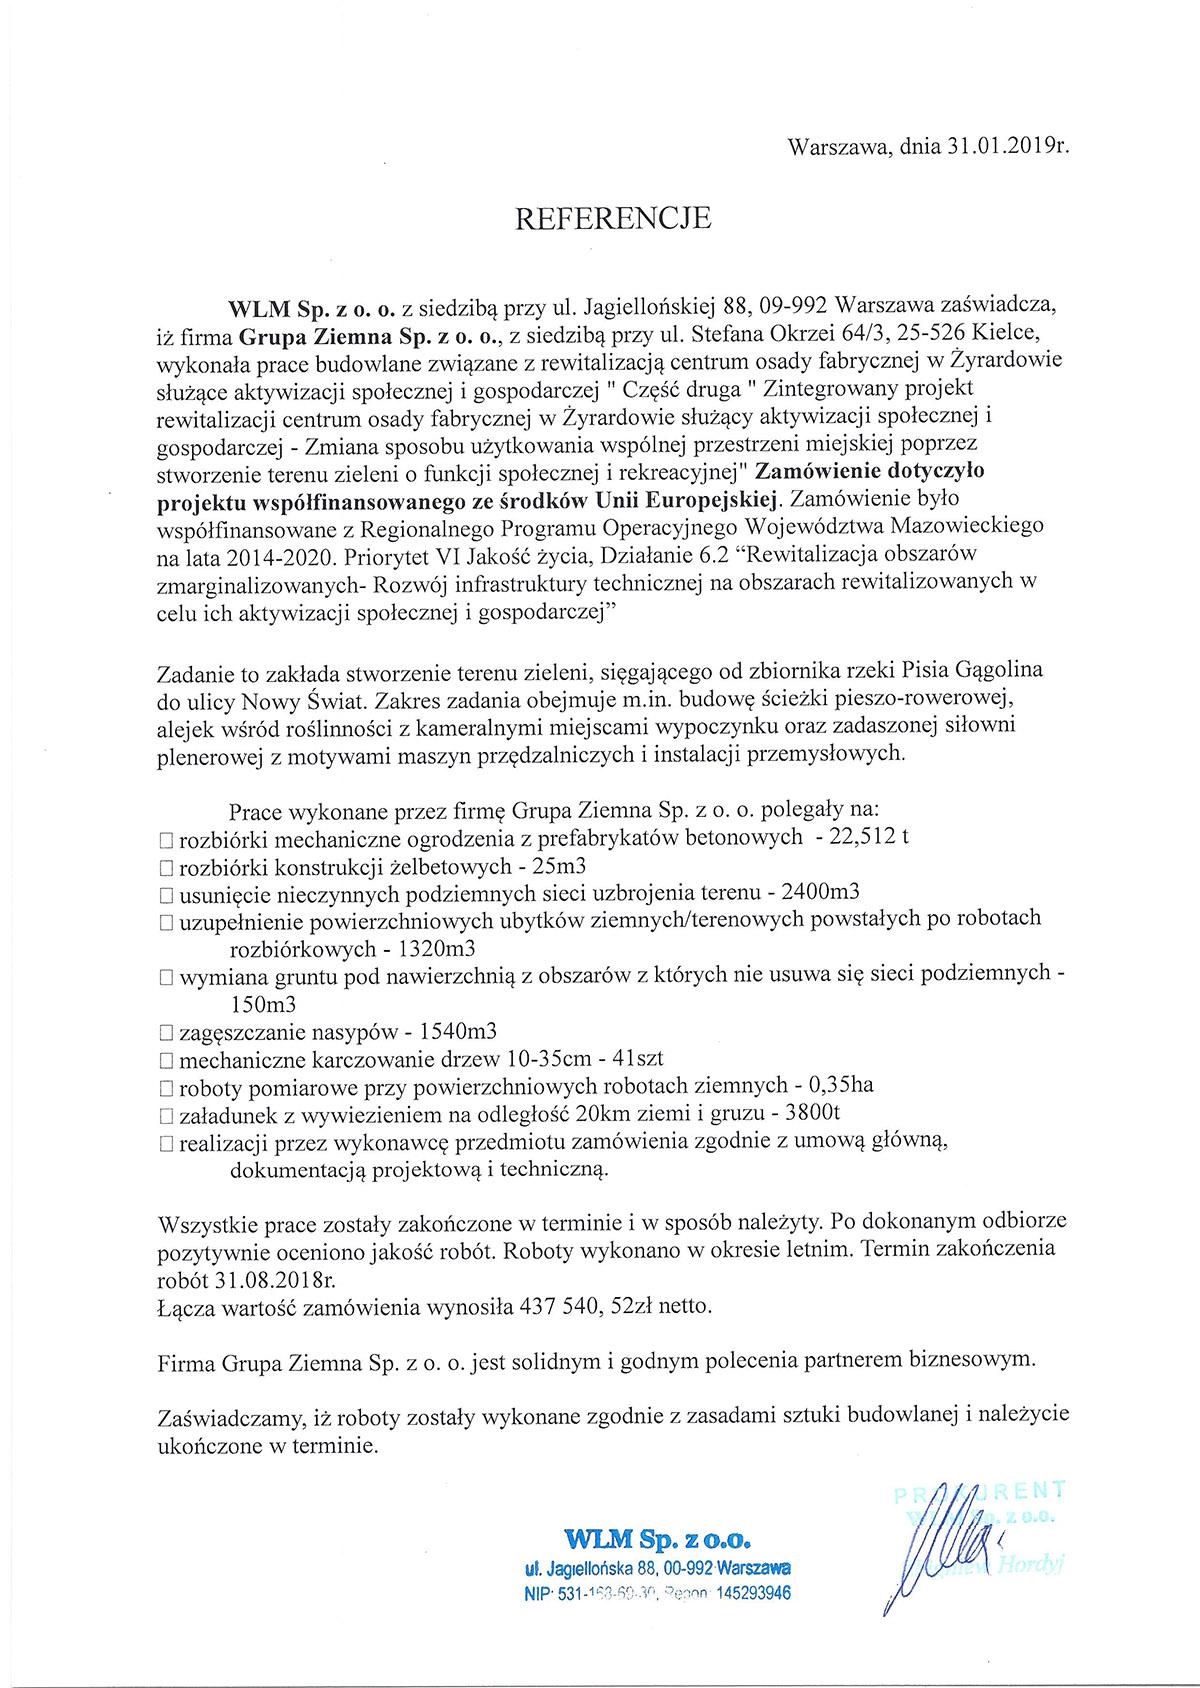 REWITALIZACJA CENTRUM OSADY FABRYCZNEJ W ŻYRARDOWIE - WLM Sp. z o.o.